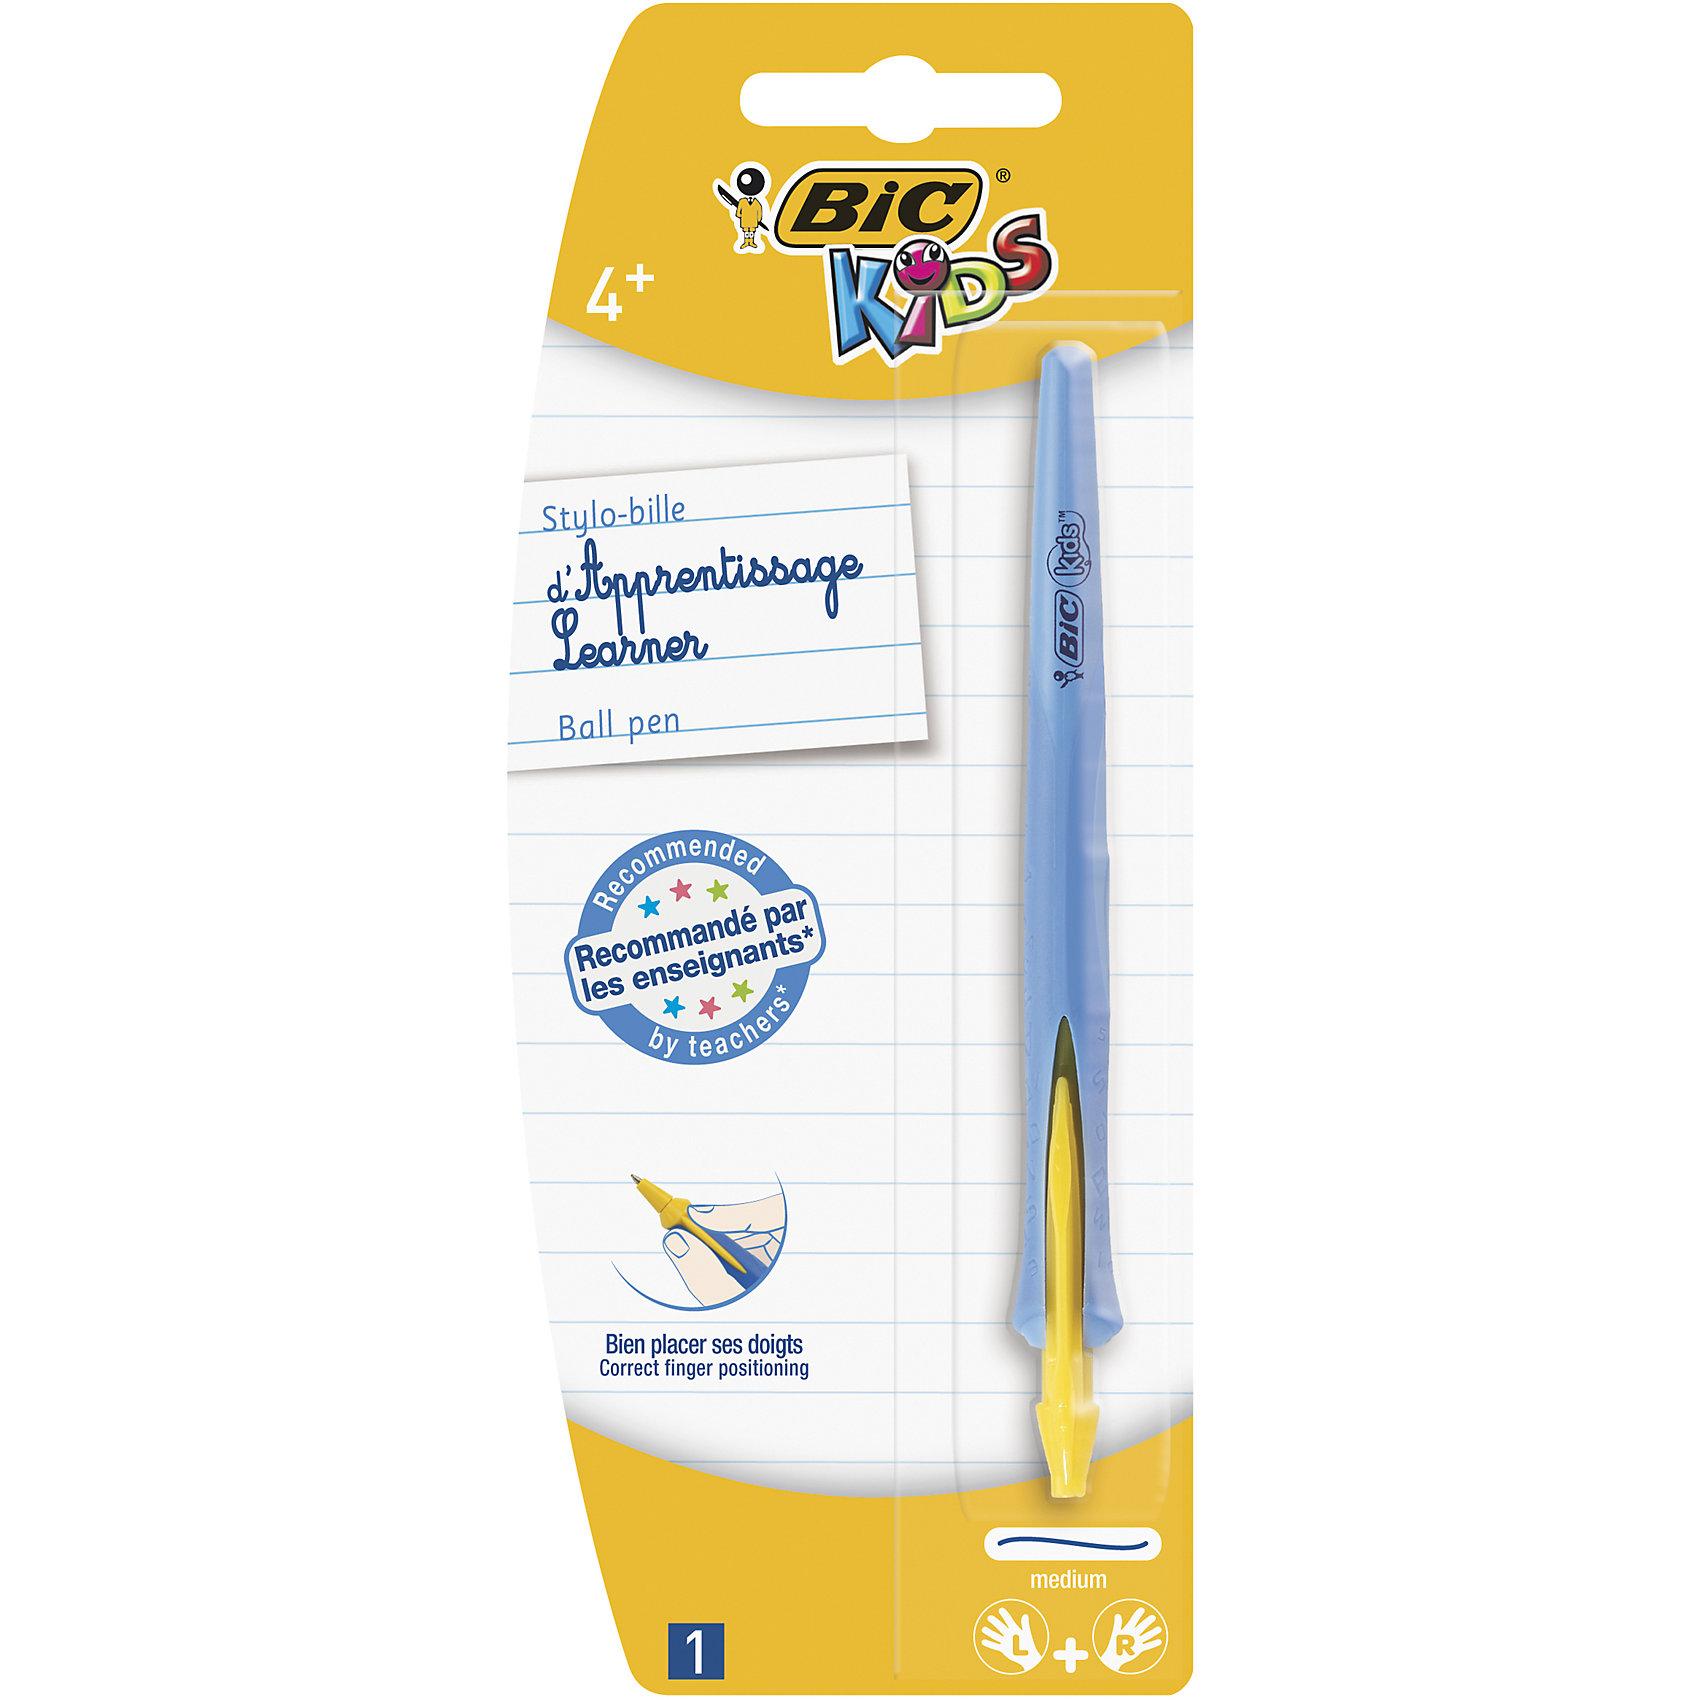 Ручка шариковая для детей Bic Kids Click, цвет: синийПисьменные принадлежности<br>Ручка шариковая для детей Bic Kids Click, цвет: синий.<br><br>Характеристики:<br><br>• Для детей в возрасте: от 4 лет<br>• Цвет чернил: синий<br>• Средняя толщина линии: 0,4 мм.<br>• Материал корпуса: пластик<br>• Цвет корпуса: синий<br><br>Шариковая ручка Bic Kids Click разработана специально для детей, обучающихся письму. Ручка подходит левшам и правшам. Яркий выпуклый край поможет правильно расположить ручку в руке. Чернила технологии Easy Glide гарантируют более мягкое письмо. В ручке сменяемый стержень, выдвигающийся с помощью поворота корпуса.<br><br>Ручку шариковую для детей Bic Kids Click, цвет: синий можно купить в нашем интернет-магазине.<br><br>Ширина мм: 17<br>Глубина мм: 80<br>Высота мм: 197<br>Вес г: 17<br>Возраст от месяцев: 48<br>Возраст до месяцев: 120<br>Пол: Унисекс<br>Возраст: Детский<br>SKU: 5530022